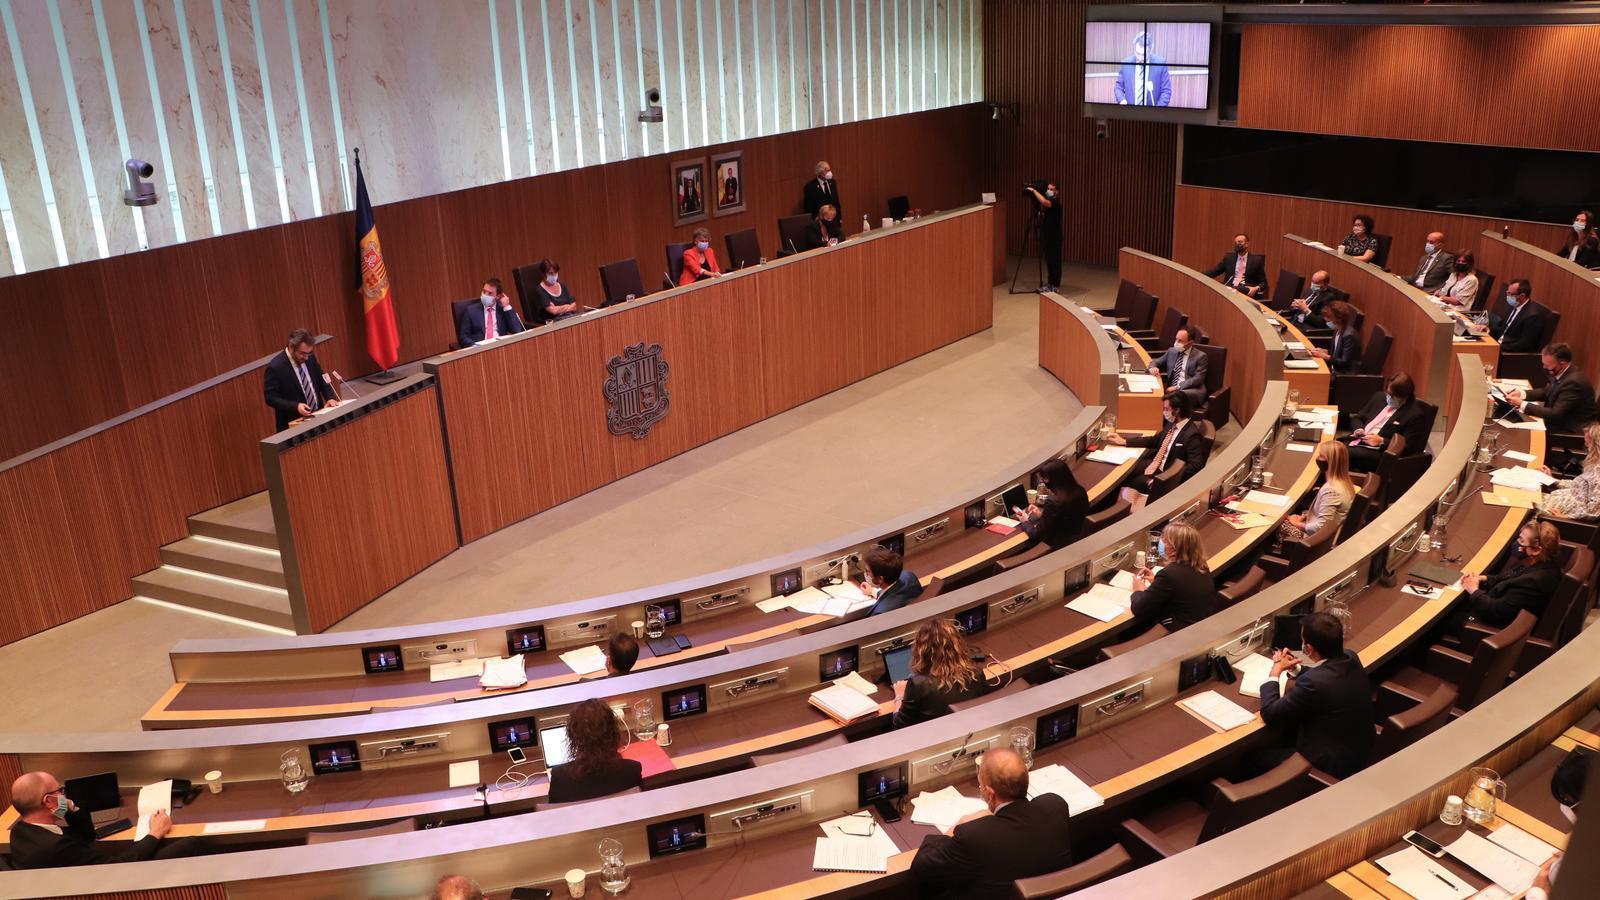 El ministre de Finances, Eric Jover, intervé aquest dijous durant el ple del Consell General. / DA